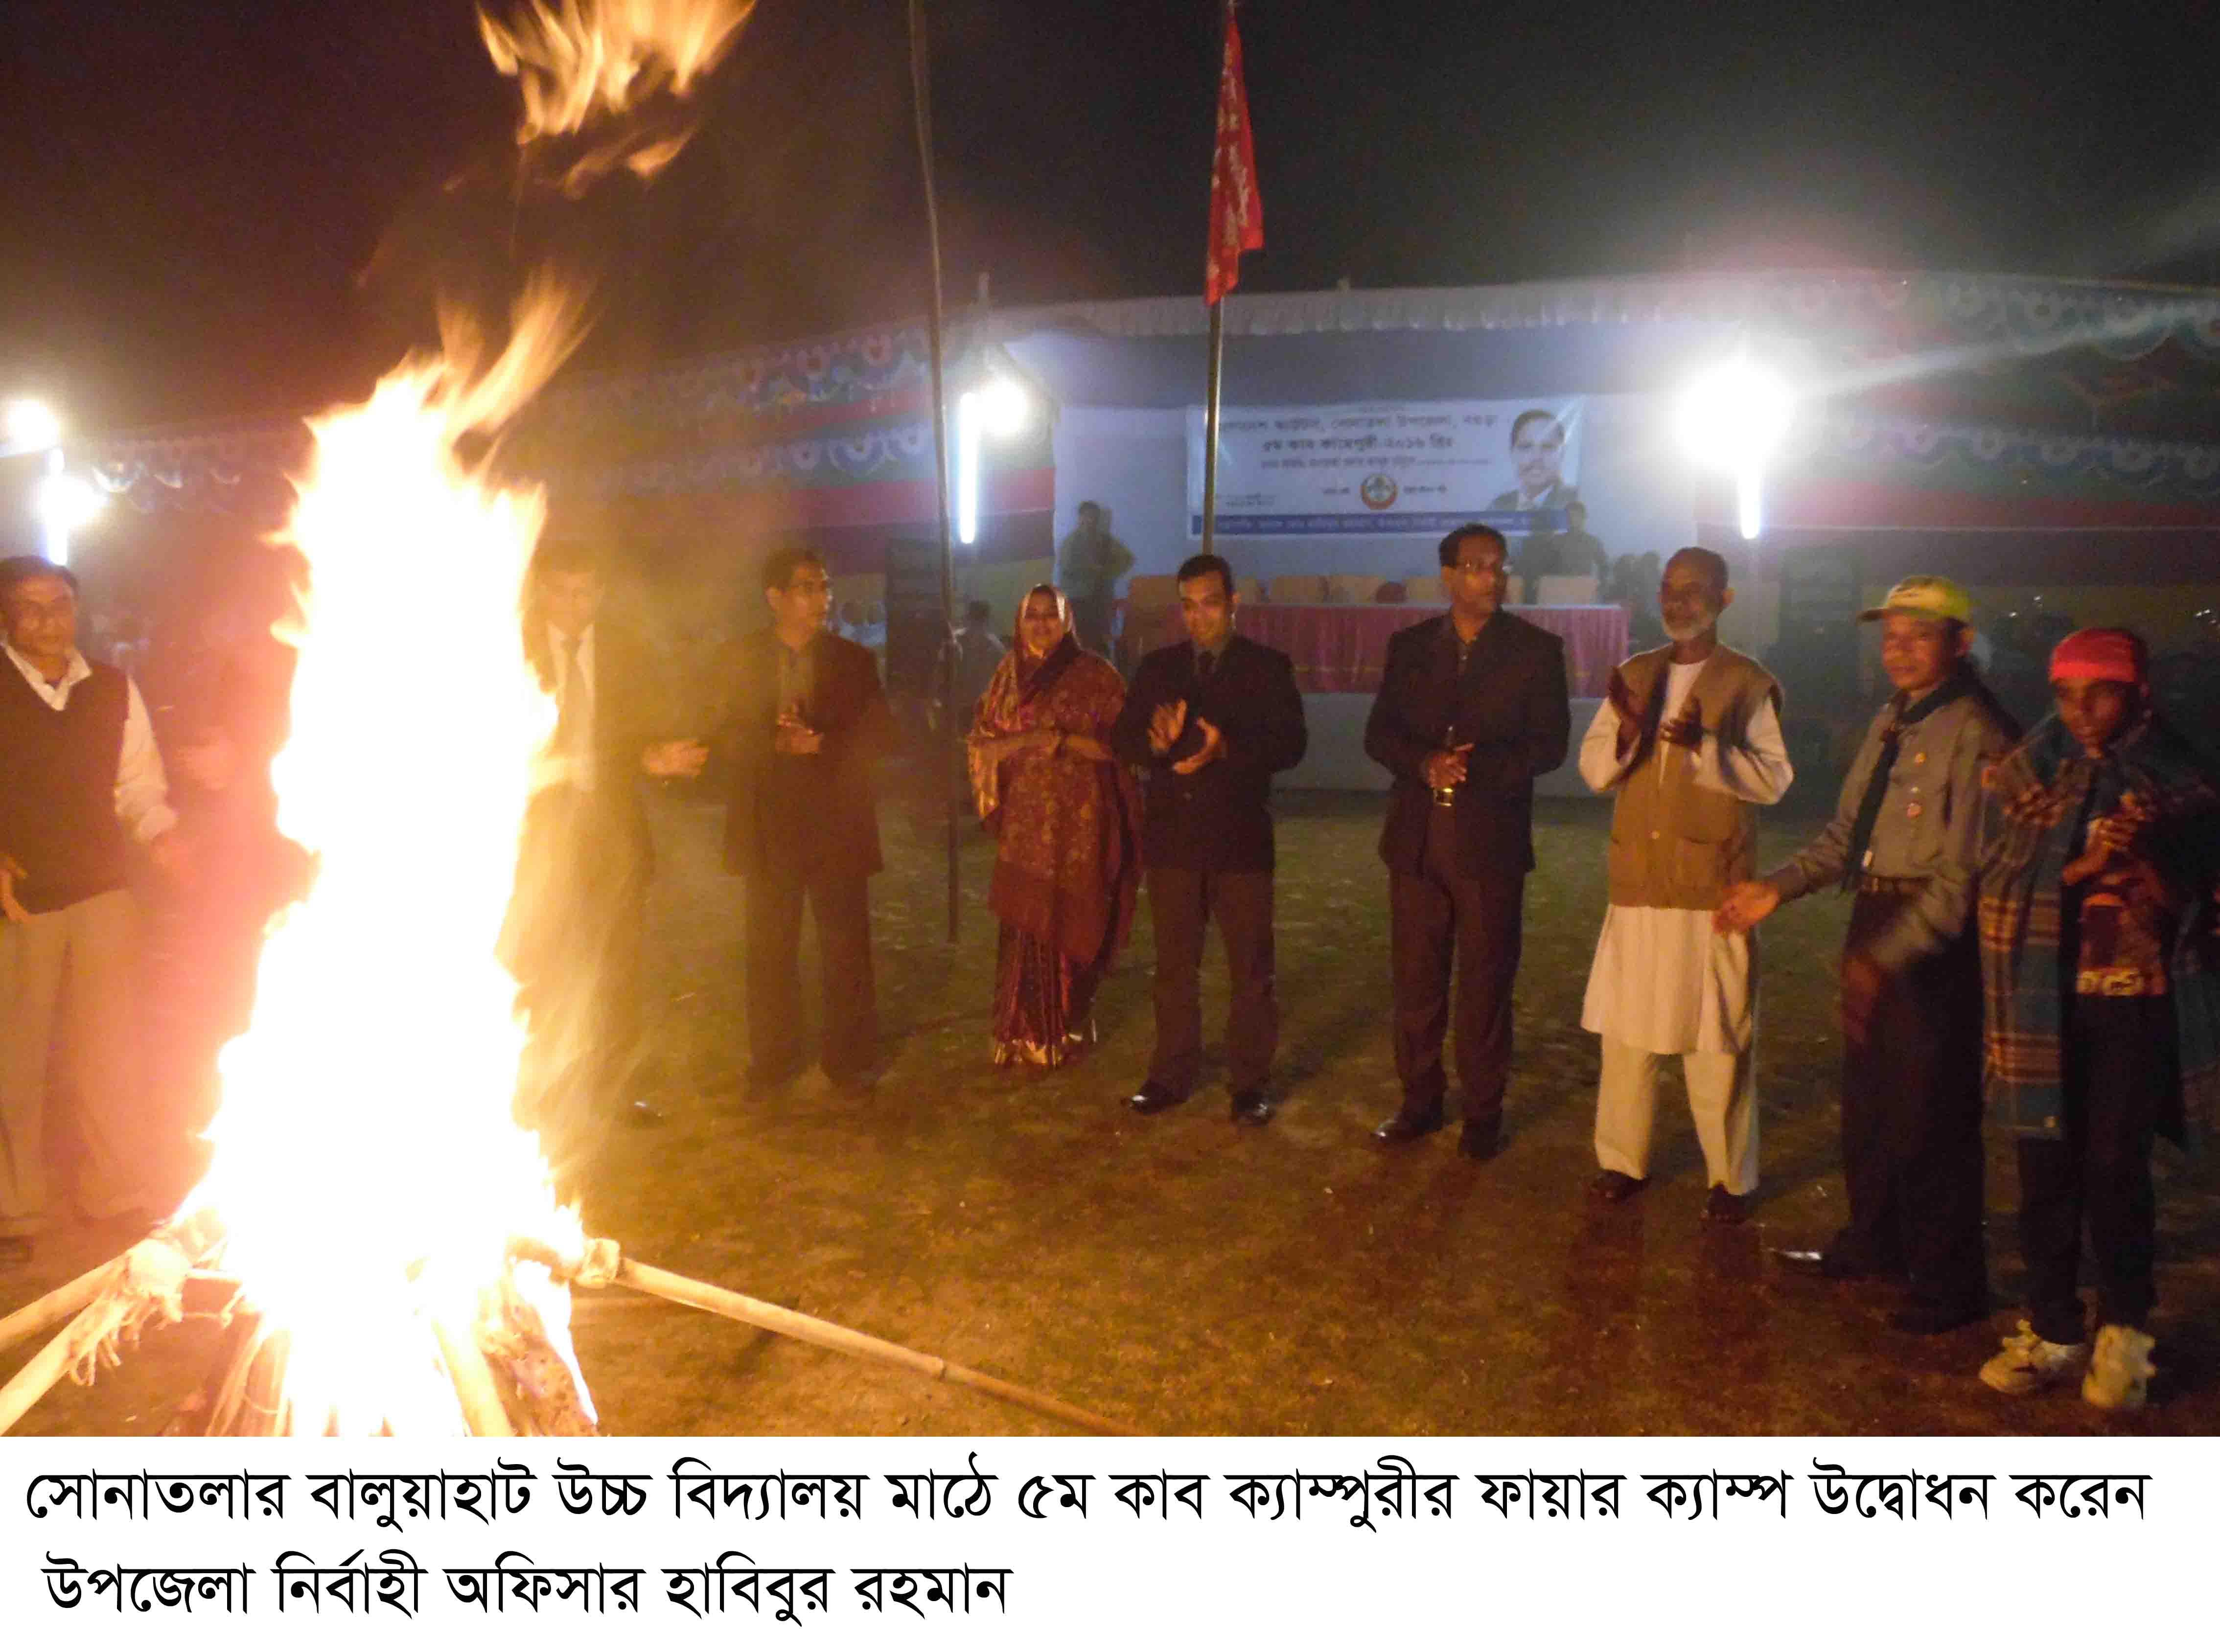 সোনাতলায় ৫ম কাব ক্যাম্পুরীর ফায়ার ক্যাম্প অনুষ্ঠিত